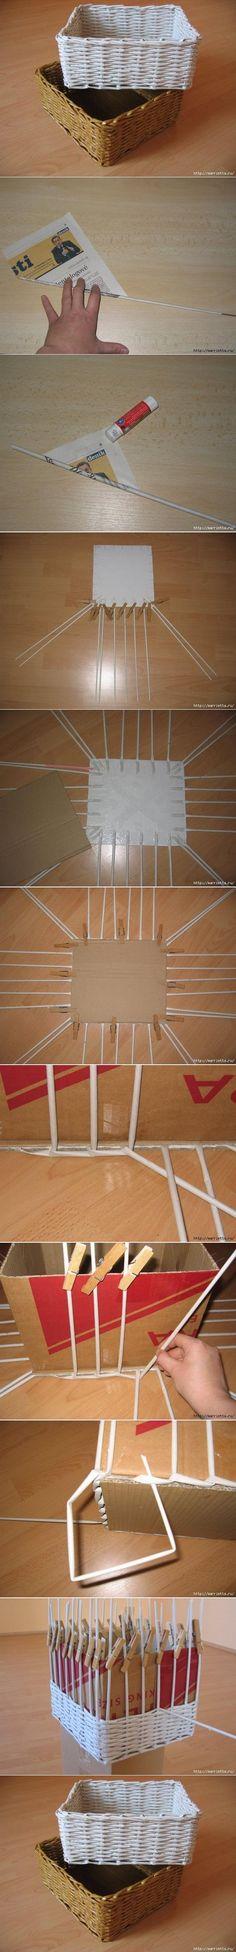 DIY Simple Newspaper Weave Basket DIY Weaving DIY Crafts